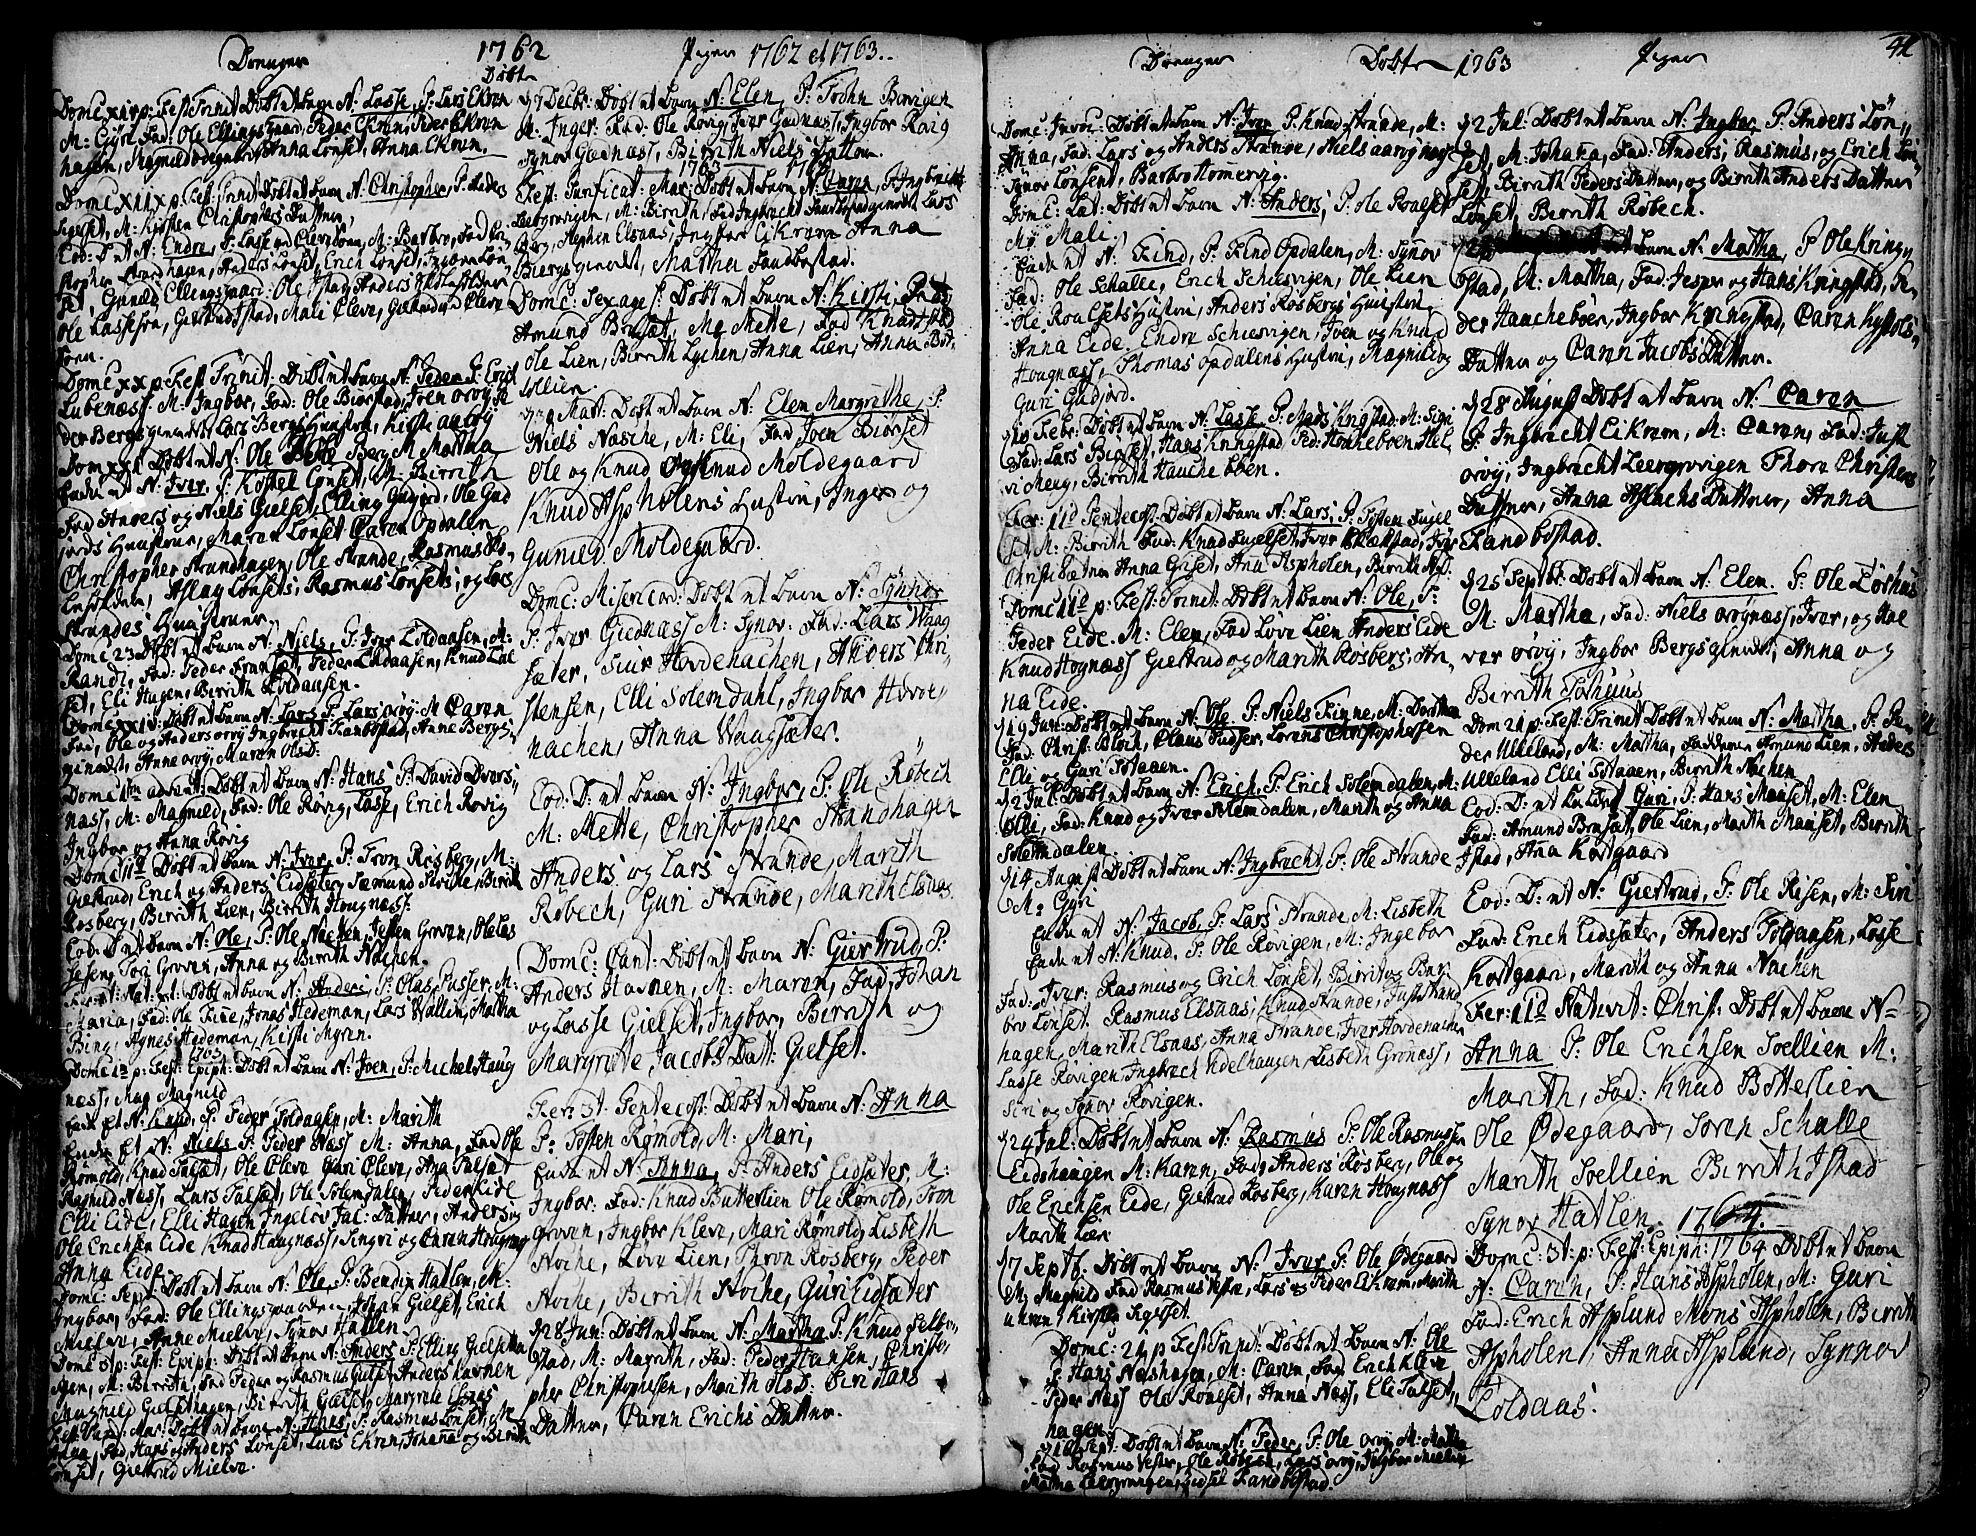 SAT, Ministerialprotokoller, klokkerbøker og fødselsregistre - Møre og Romsdal, 555/L0648: Parish register (official) no. 555A01, 1759-1793, p. 41